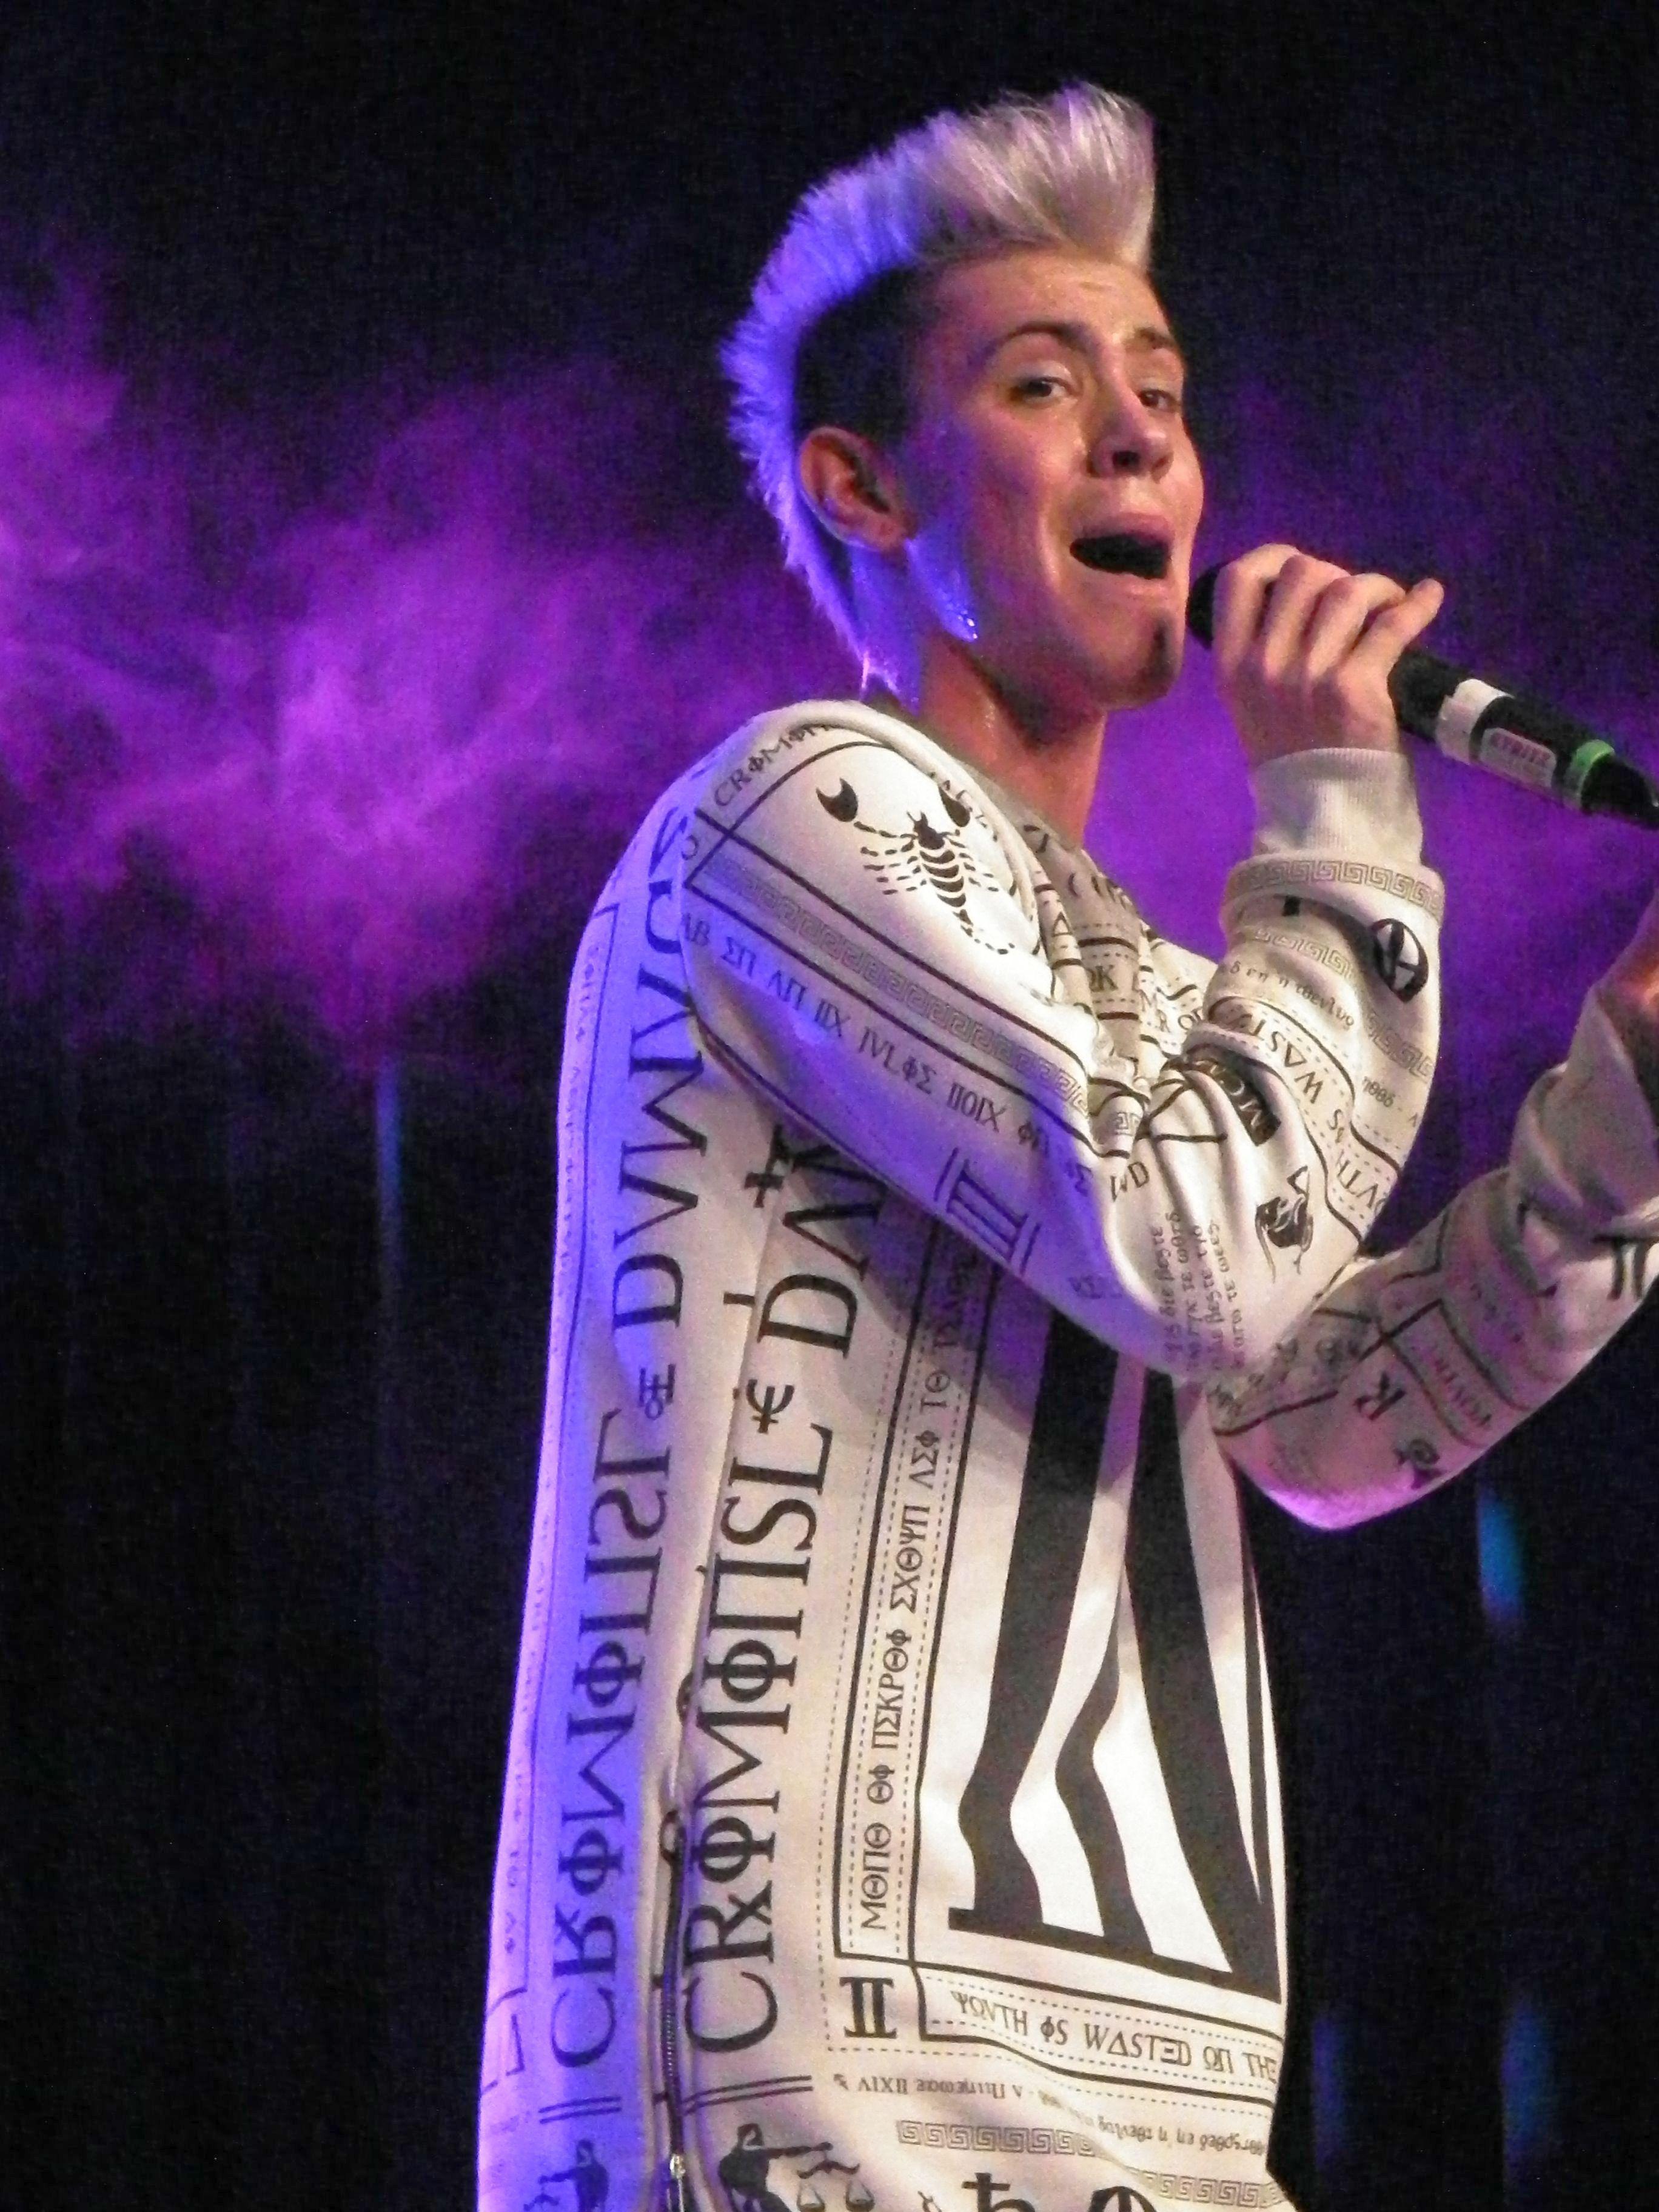 Daniele singt auf der Bühne